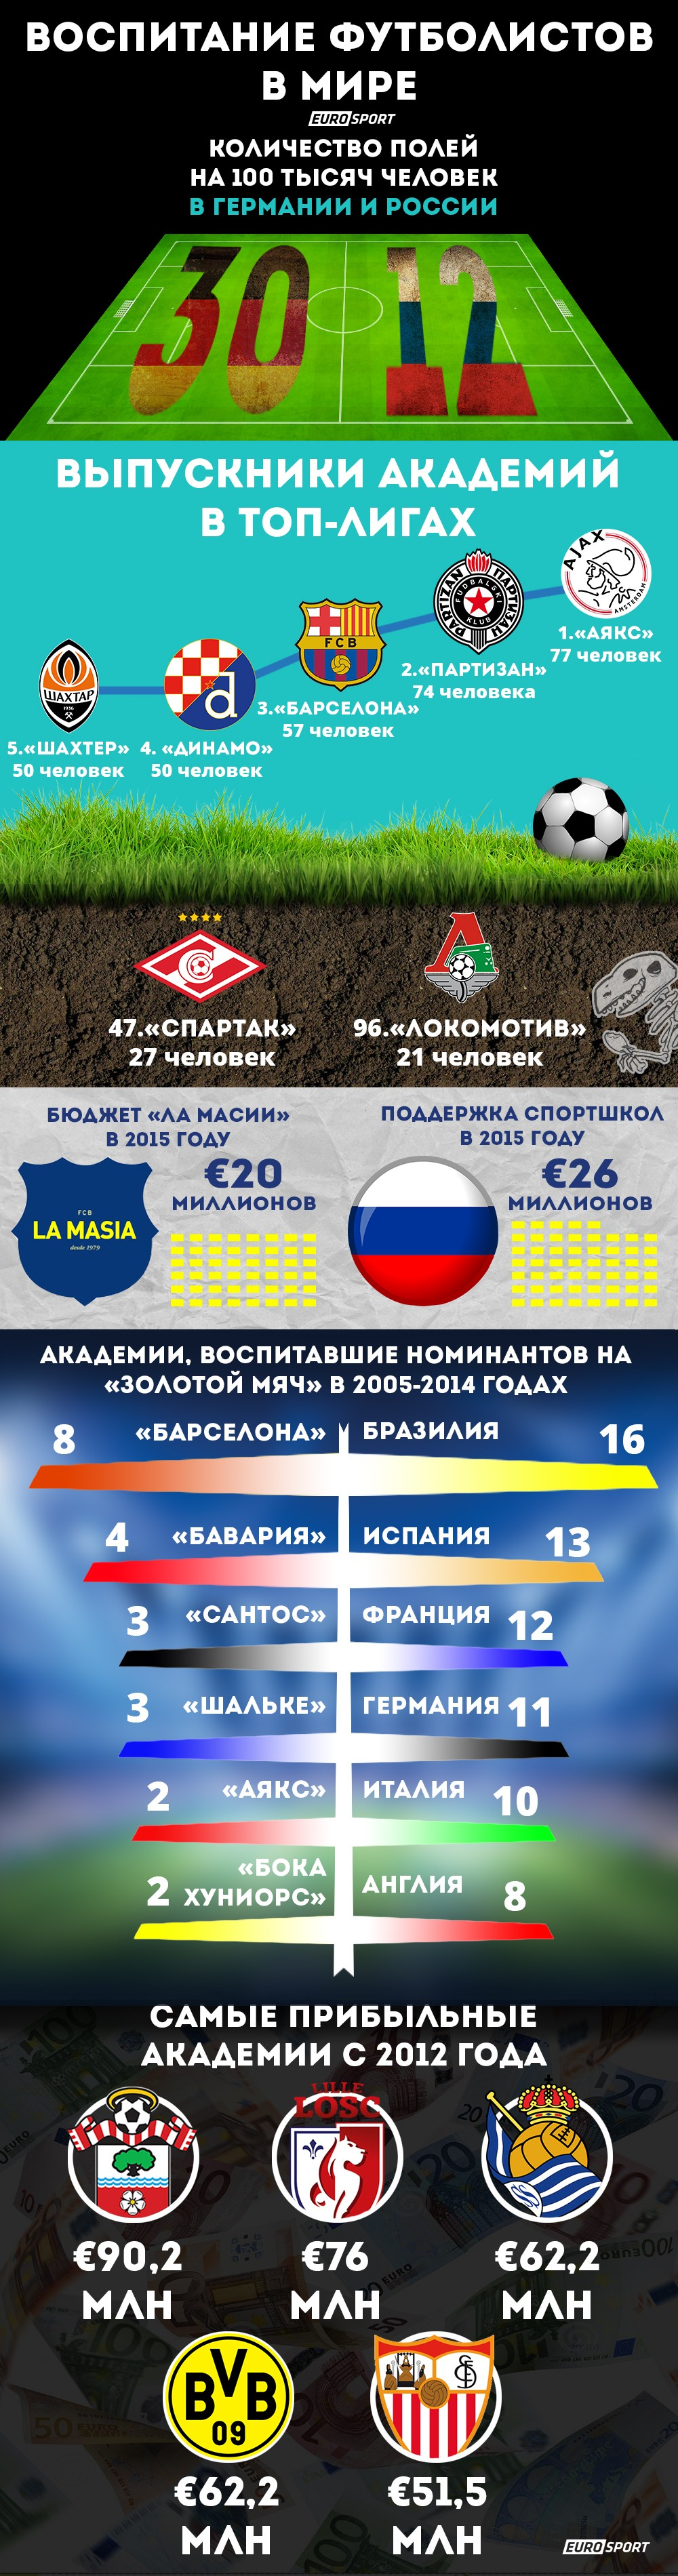 Инфографика Академии